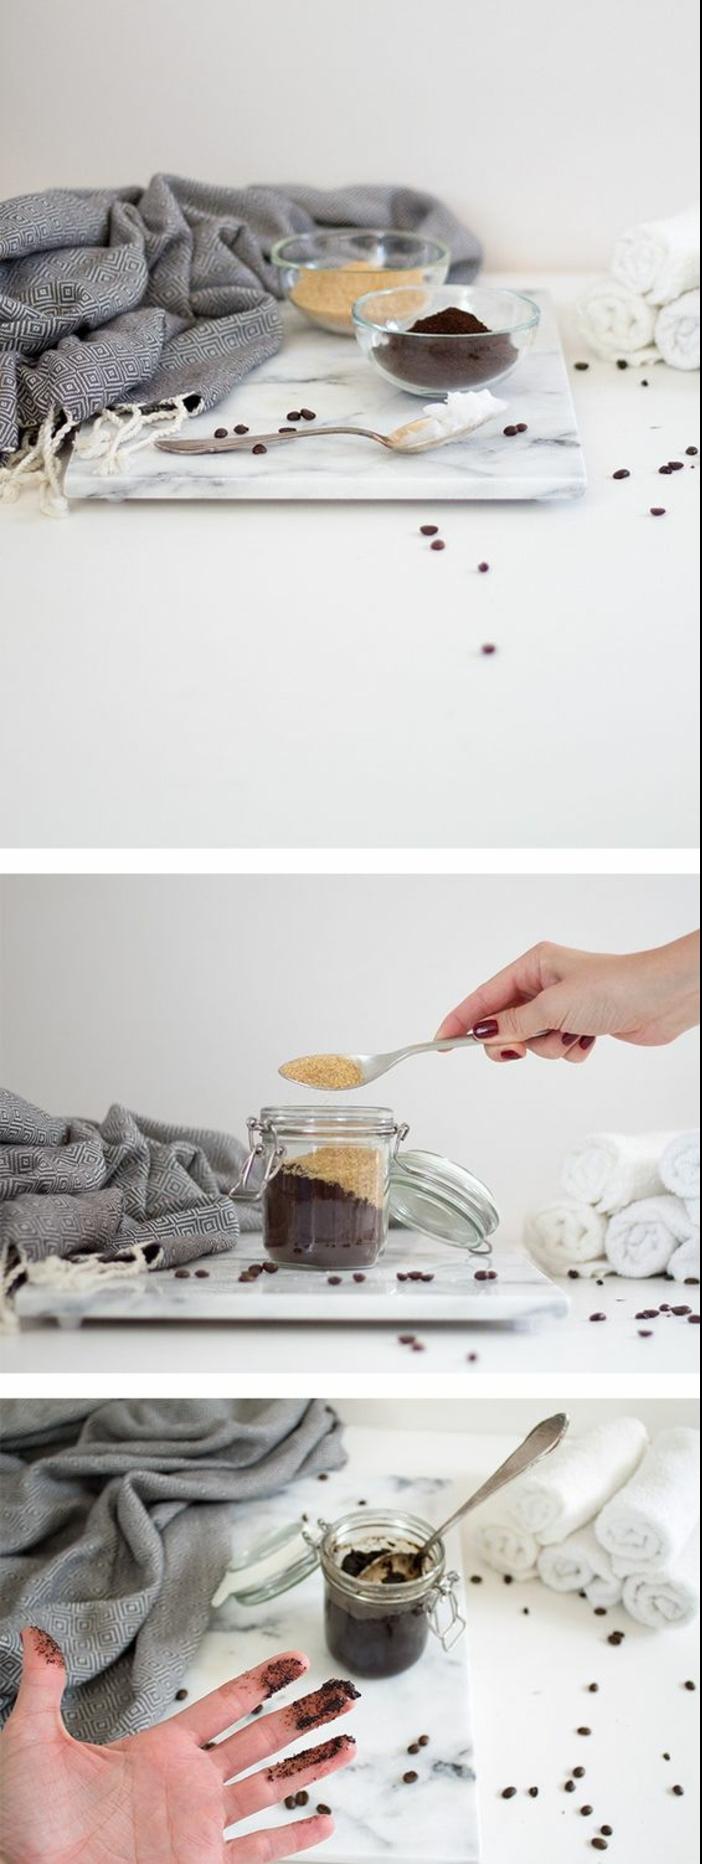 recette de gommage corps fait maison au sucre de canne et au café, gommage à effet anti-cellulite